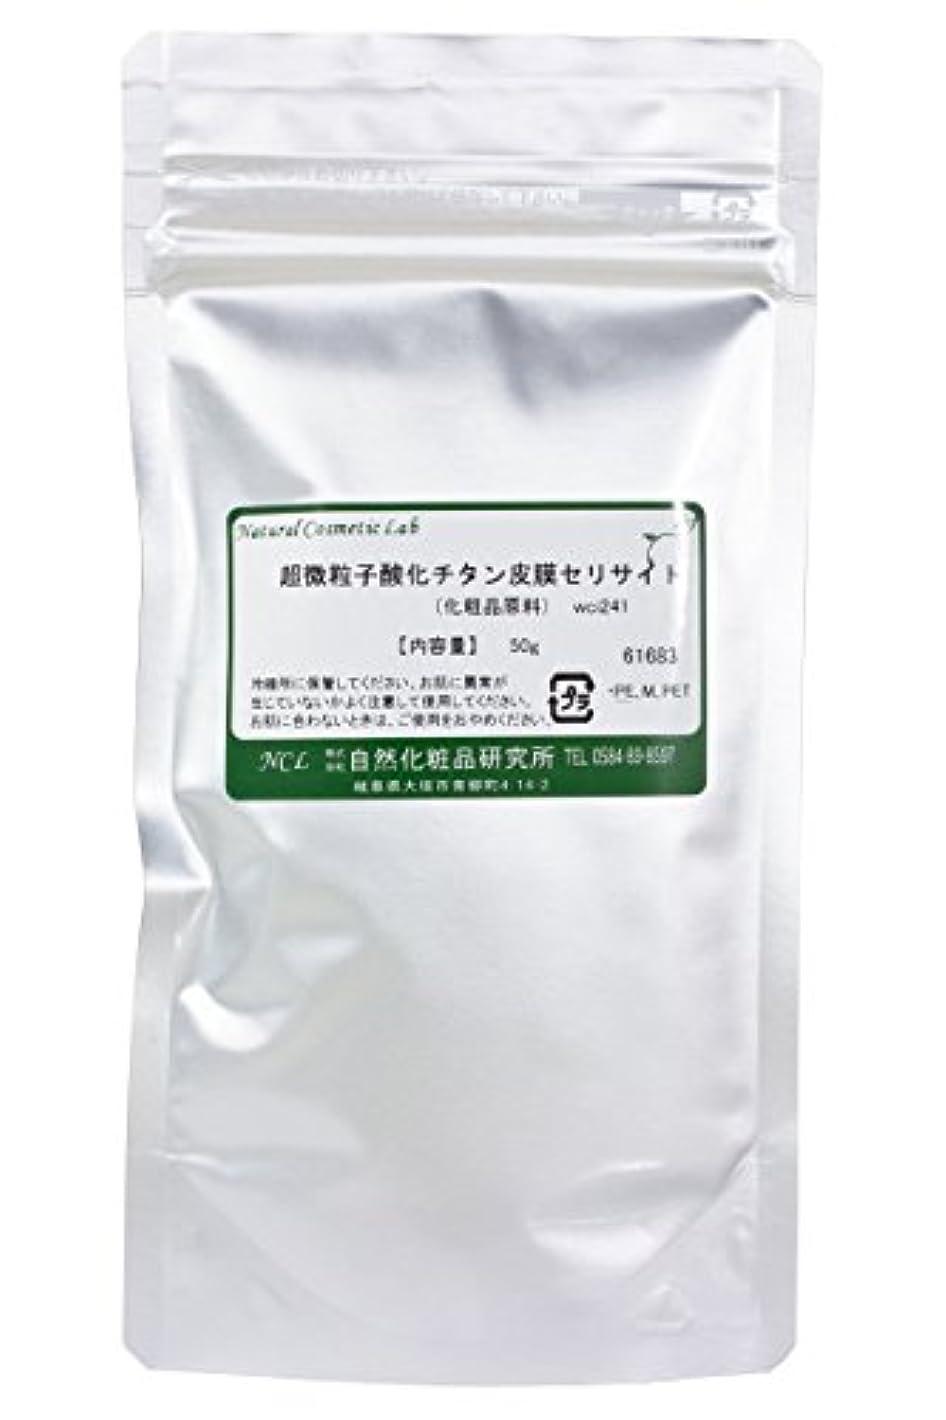 バナーダッシュブランク超微粒子酸化チタン皮膜セリサイト 50g 【手作り化粧品原料】